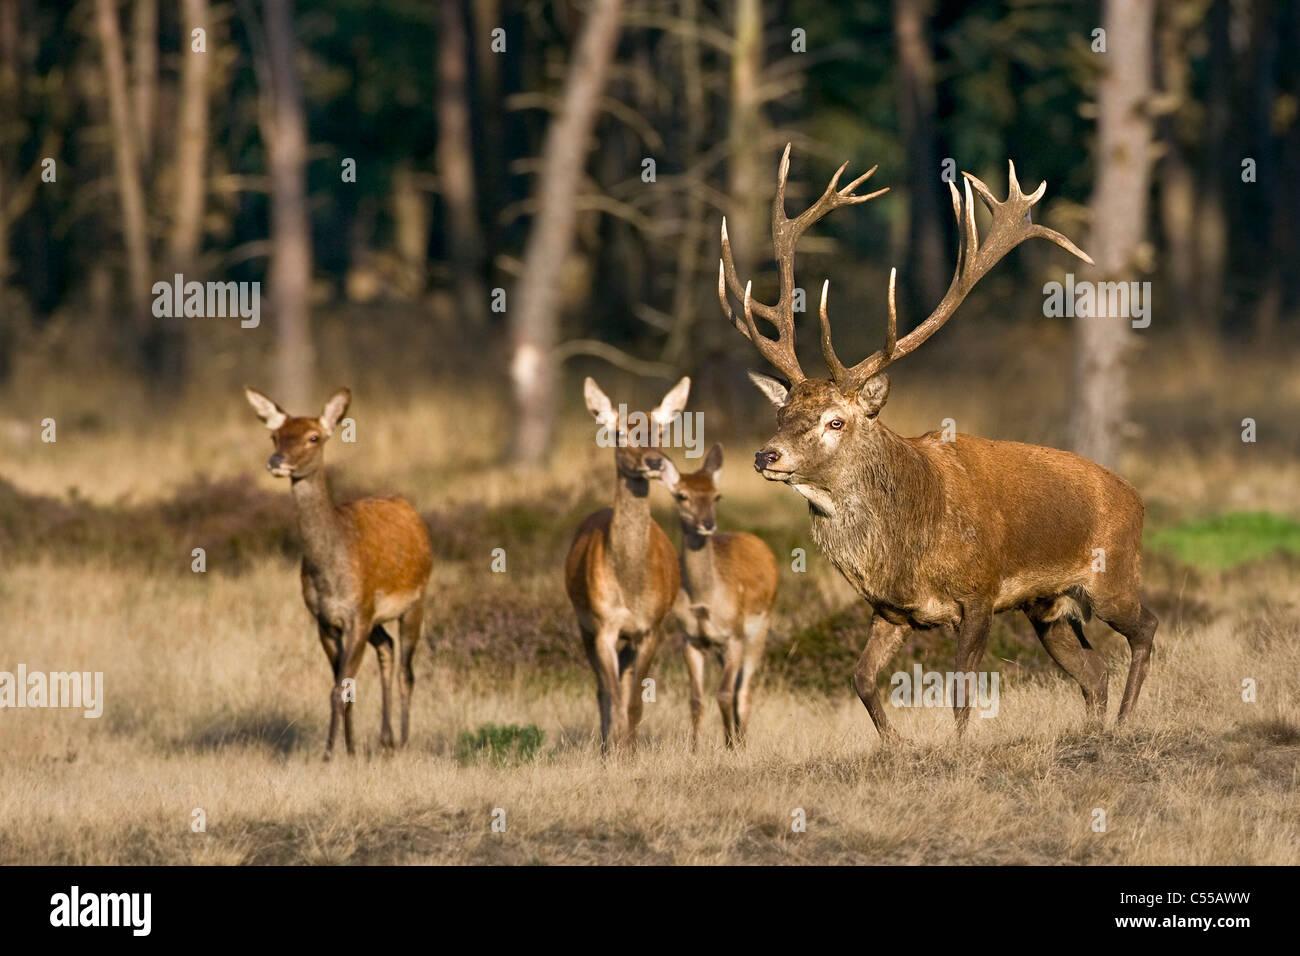 The Netherlands, Otterloo, National Park called De Hoge Veluwe. Red Deer (Cervus elaphus). - Stock Image